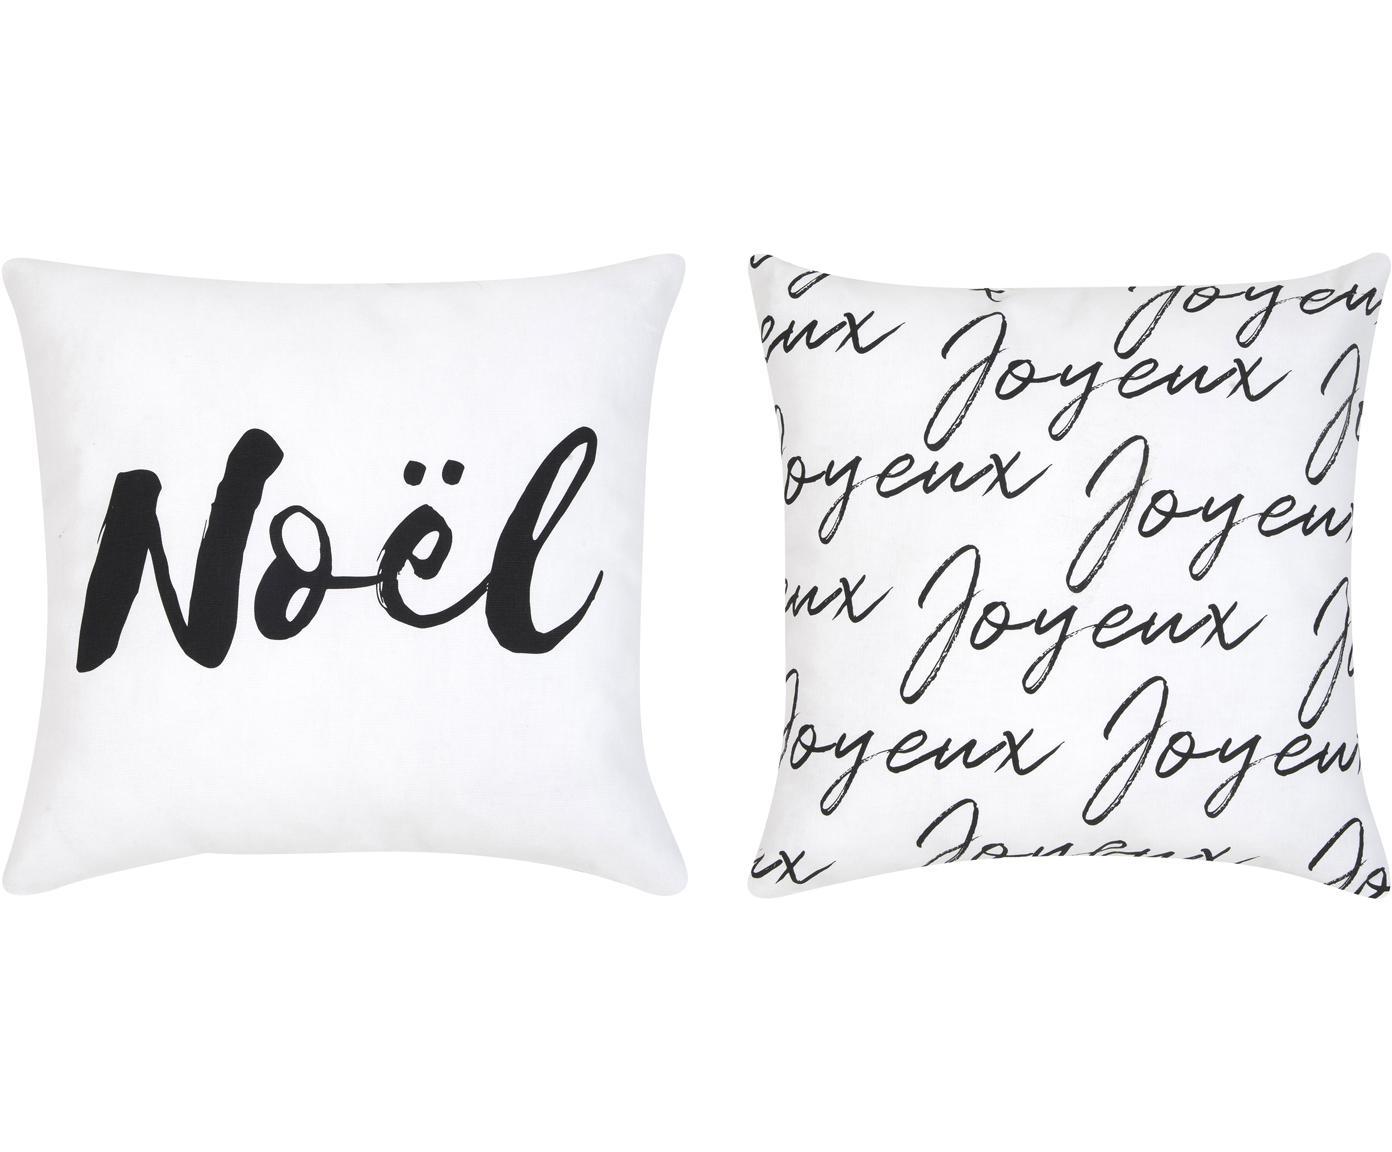 Komplet poszewek na poduszkę Noel, 2 elem., Bawełna, Czarny, biały, S 40 x D 40 cm